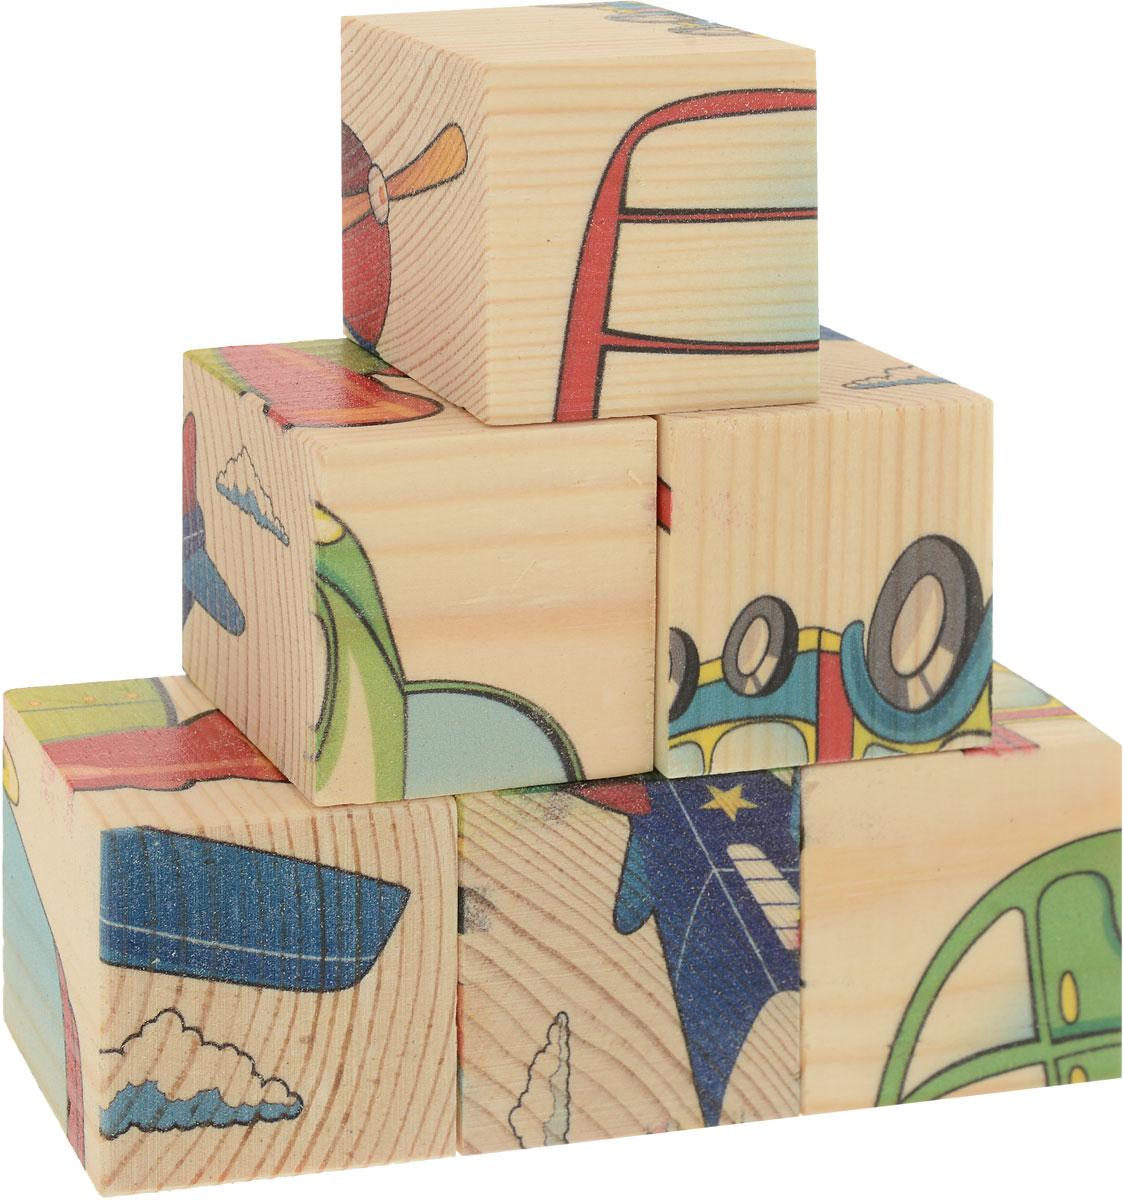 Развивающие деревянные игрушки Кубики Транспорт деревянные игрушки анданте кубики пазл транспорт